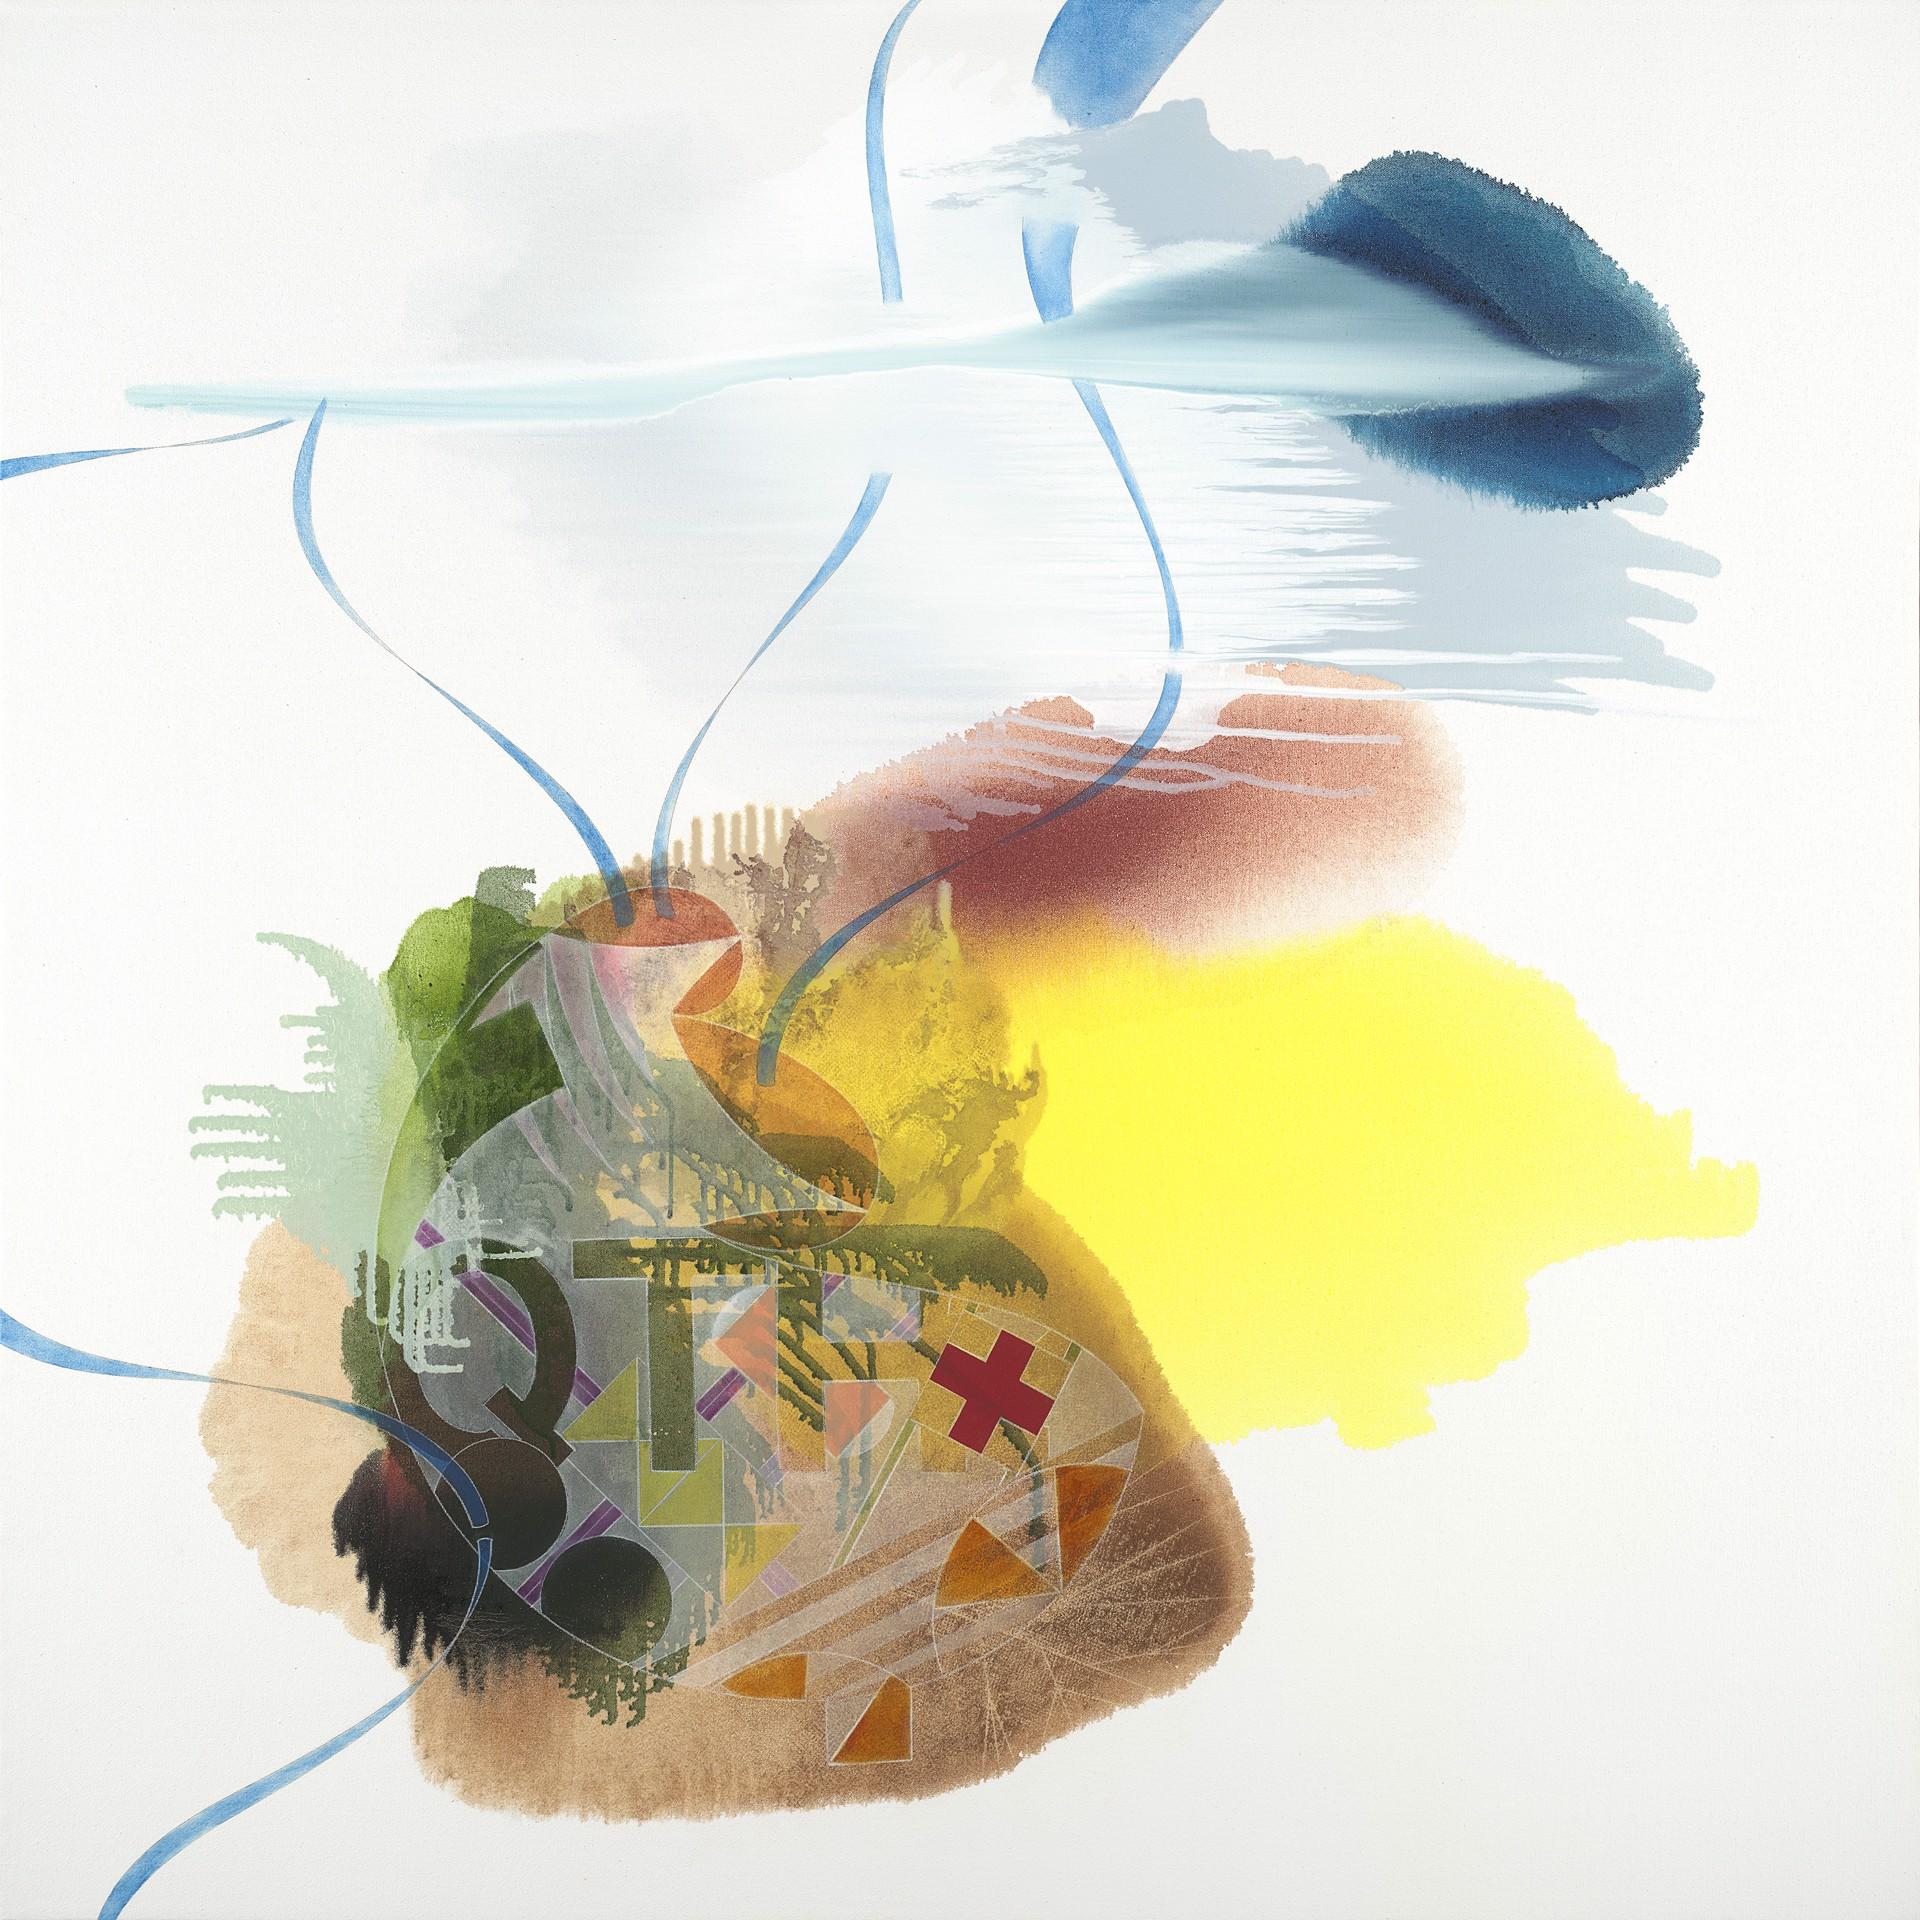 Vibration Location by Kuzana Ogg